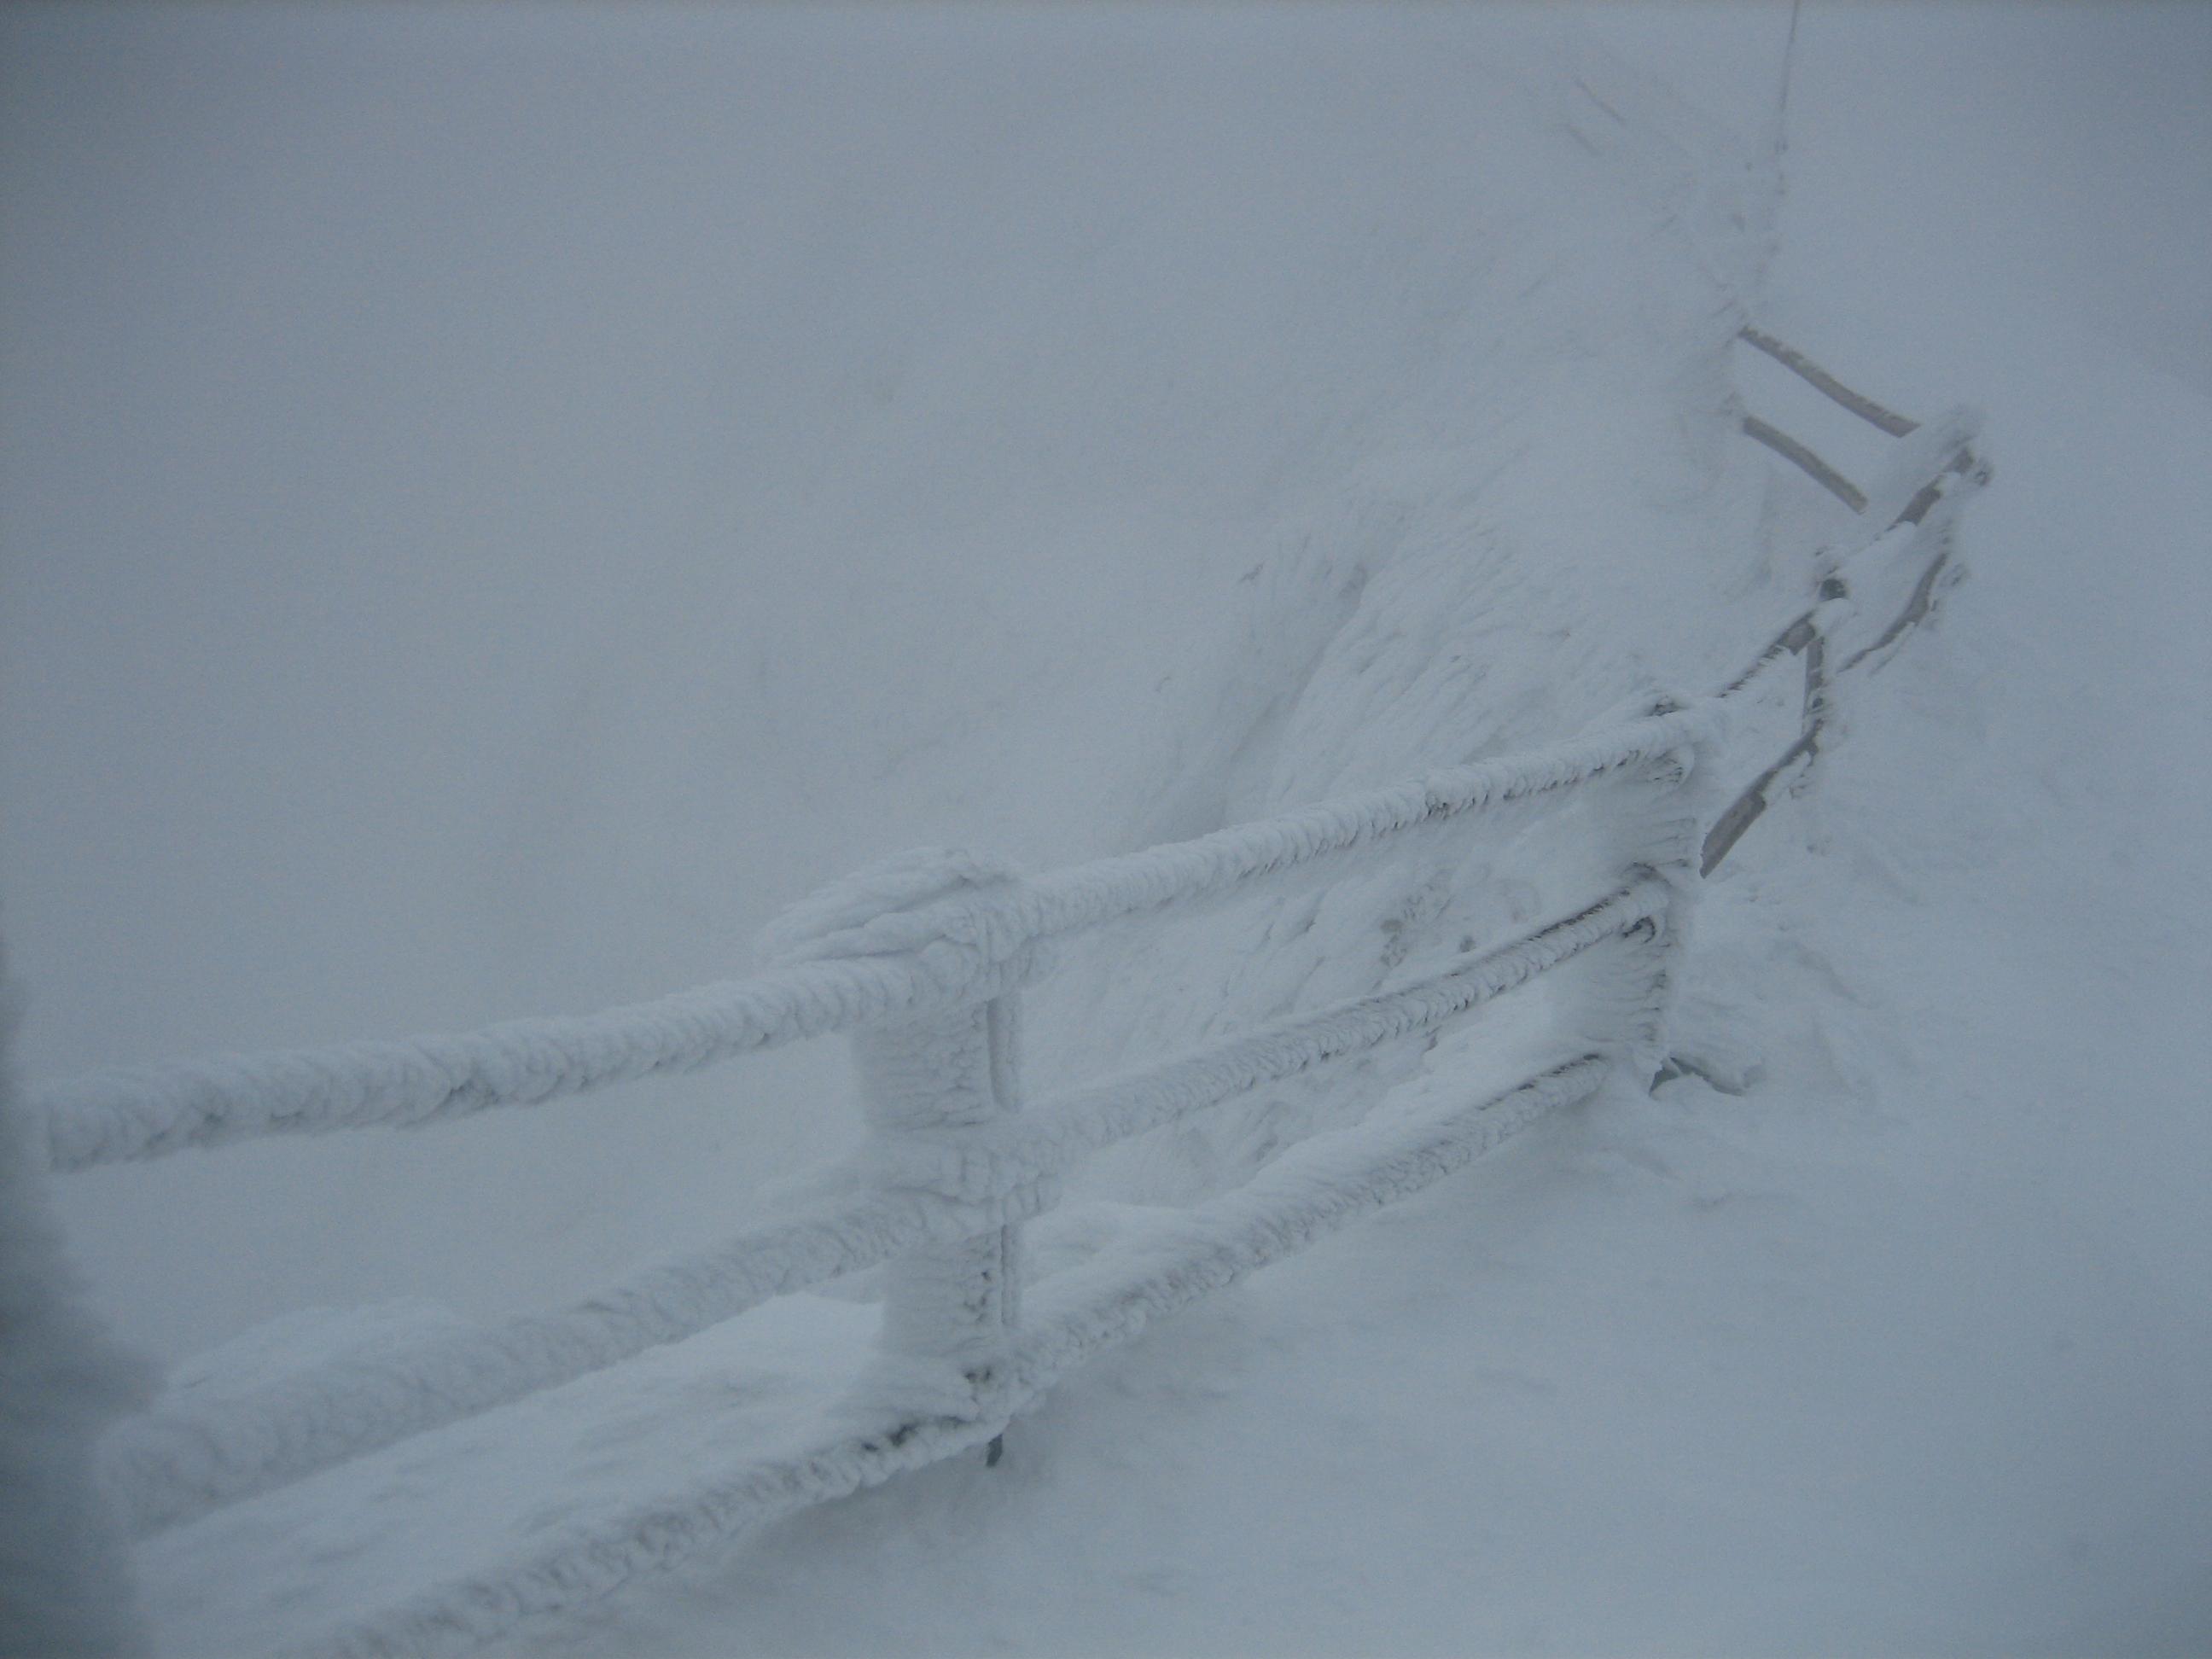 FALAKRO 20/1/2013, Falakro Ski Resort